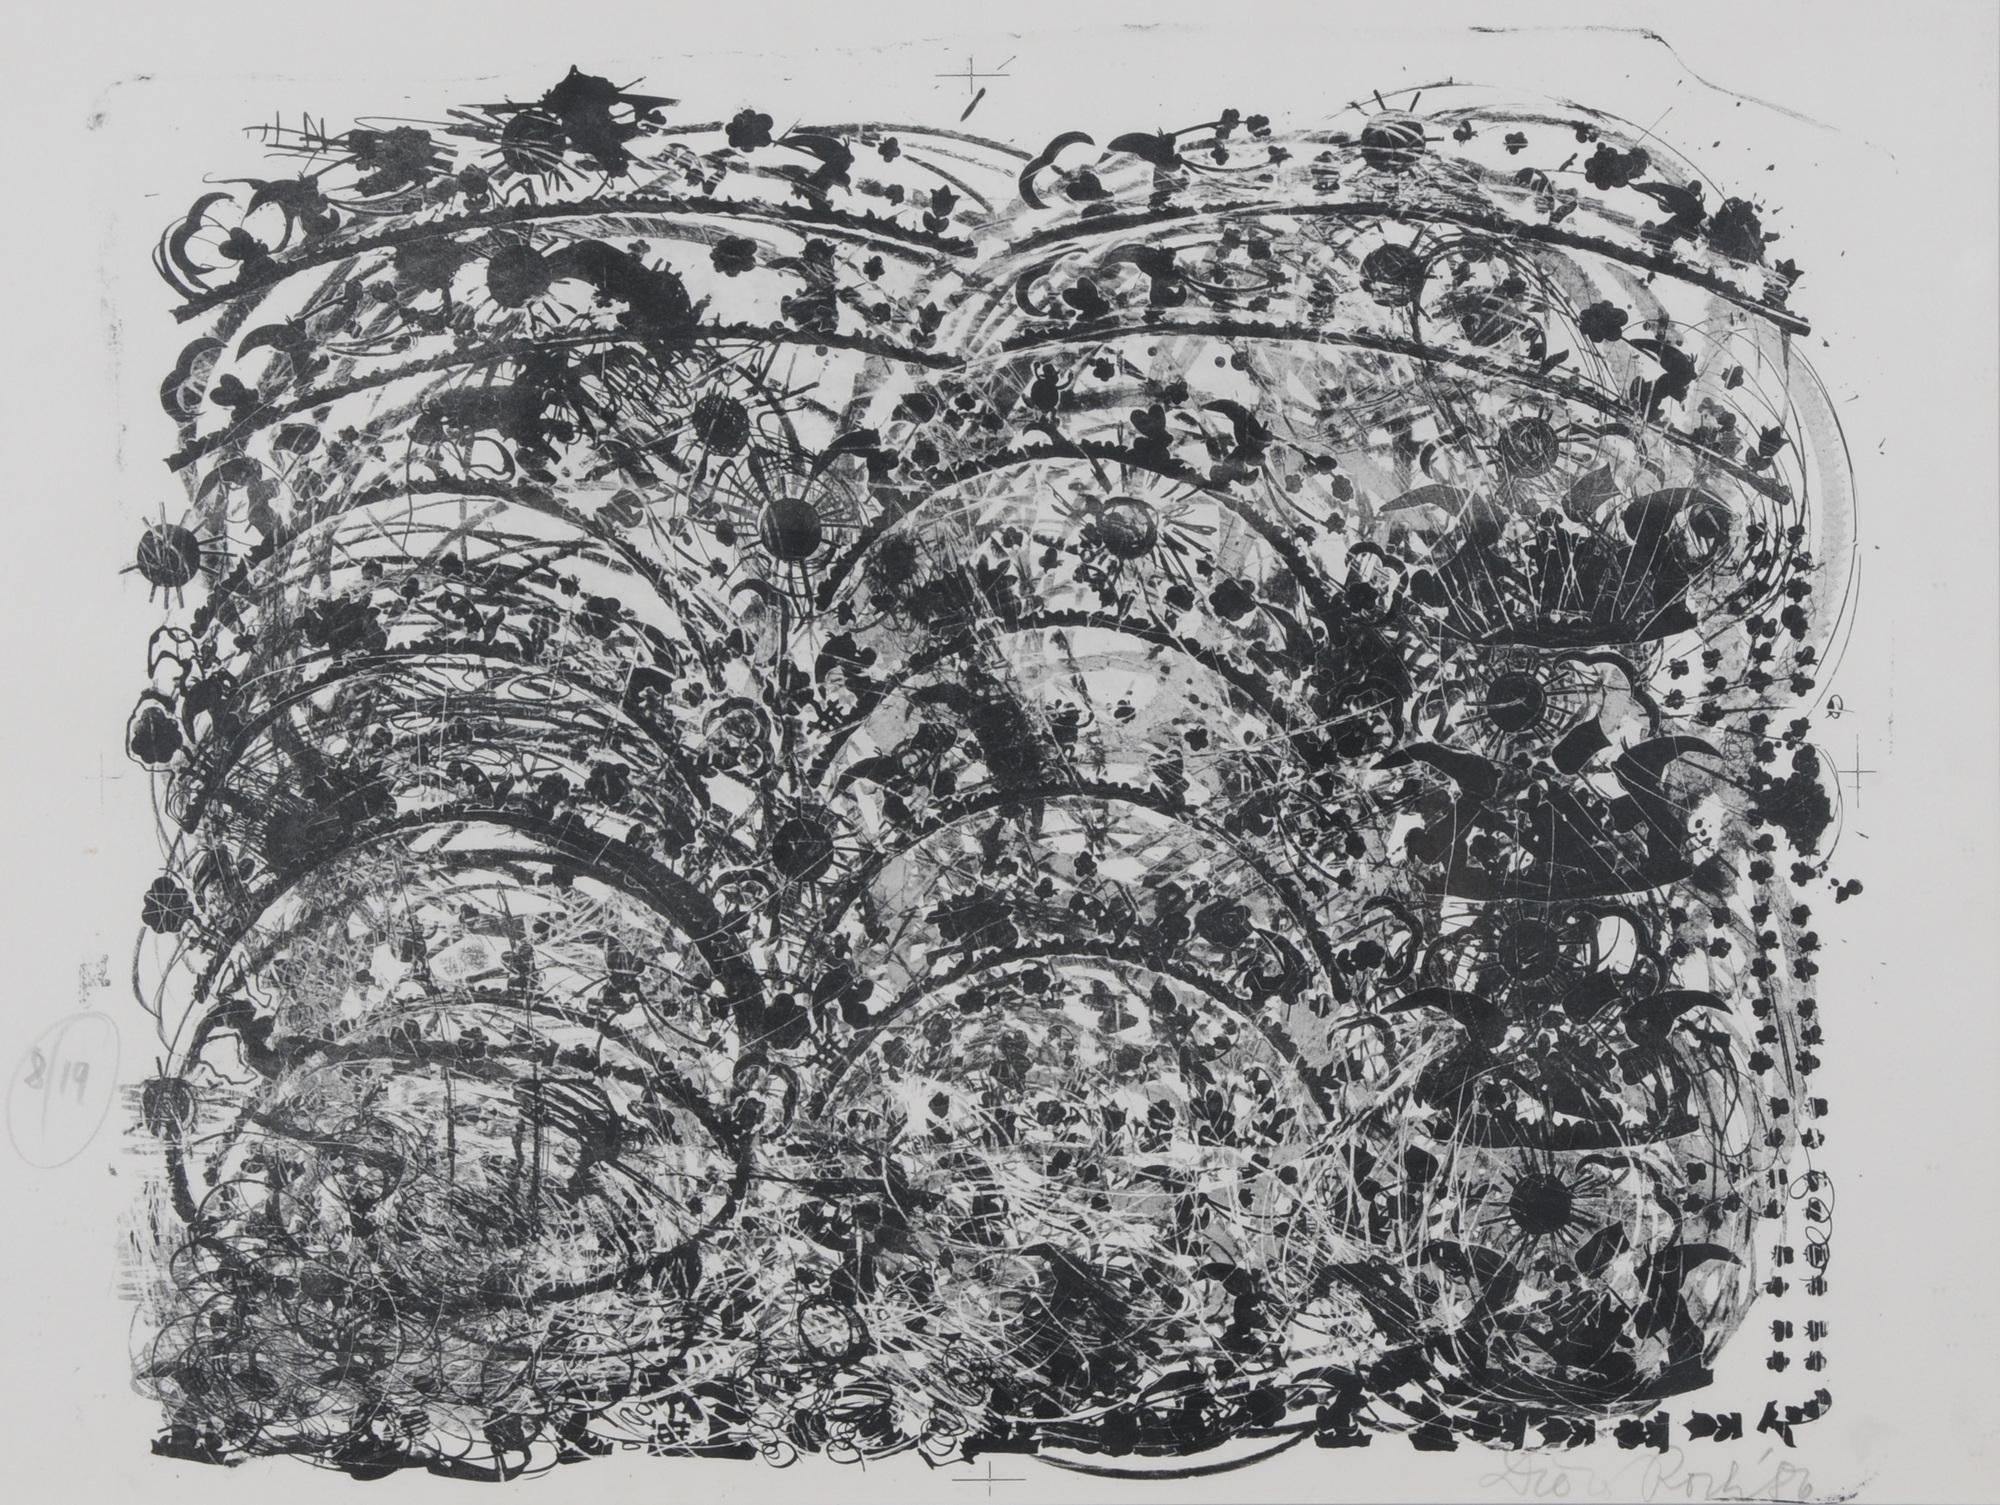 Roth Dieter, 2 sheets: Porzellanstein II, 1986; Chineo-Japanischer Porzellanstein, 1986